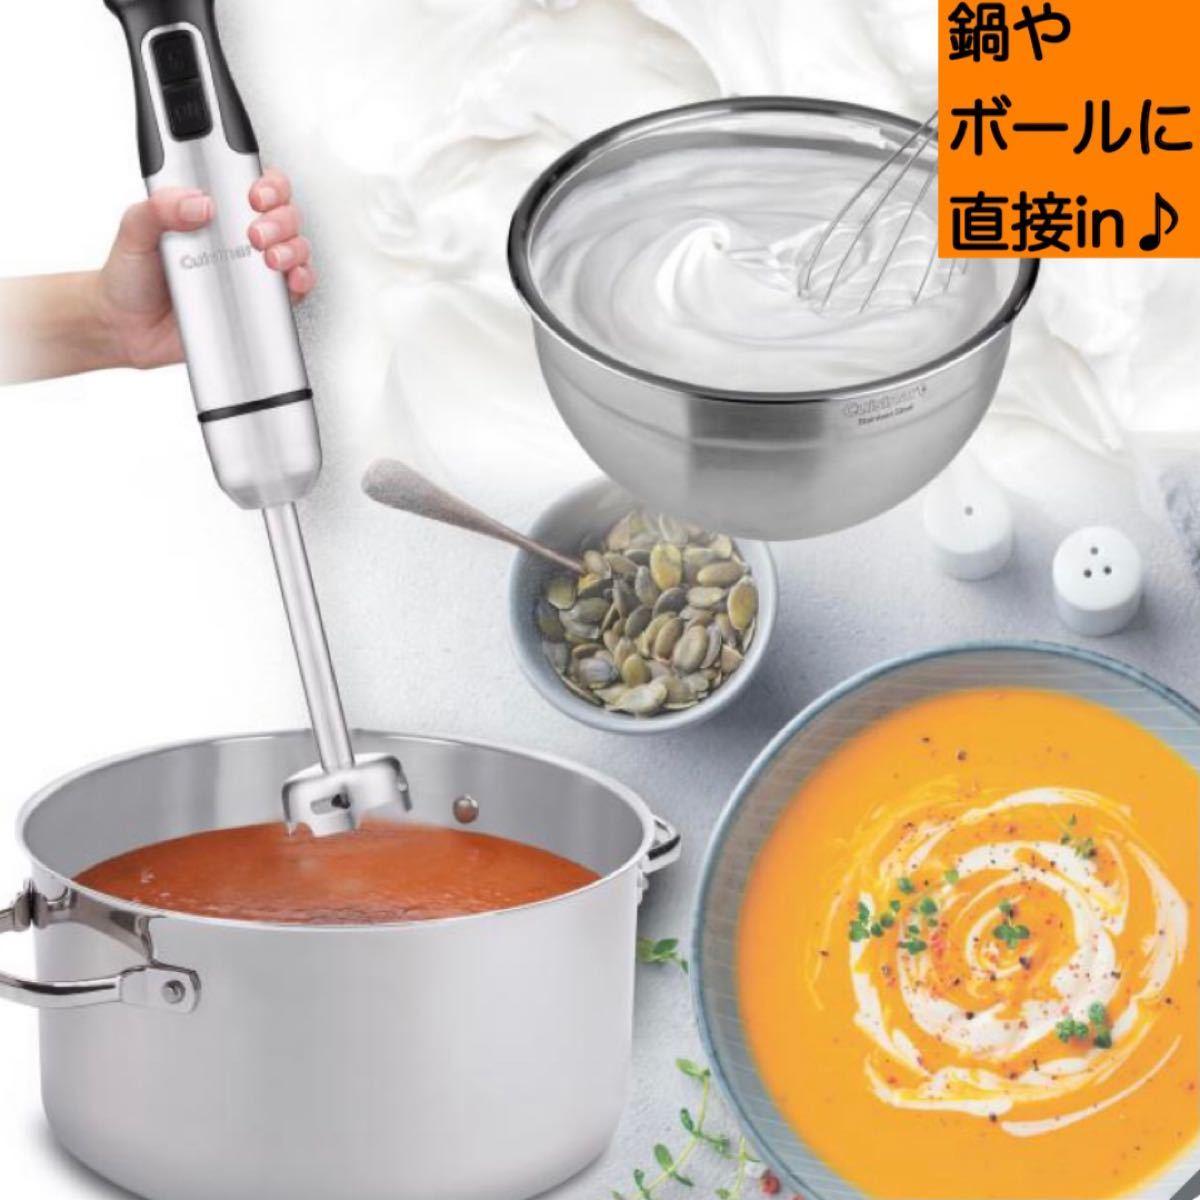 新品 クイジナート ハンドブレンダー HB-120PCJ 離乳食 ベビーフード スティックブレンダー ハンドミキサー